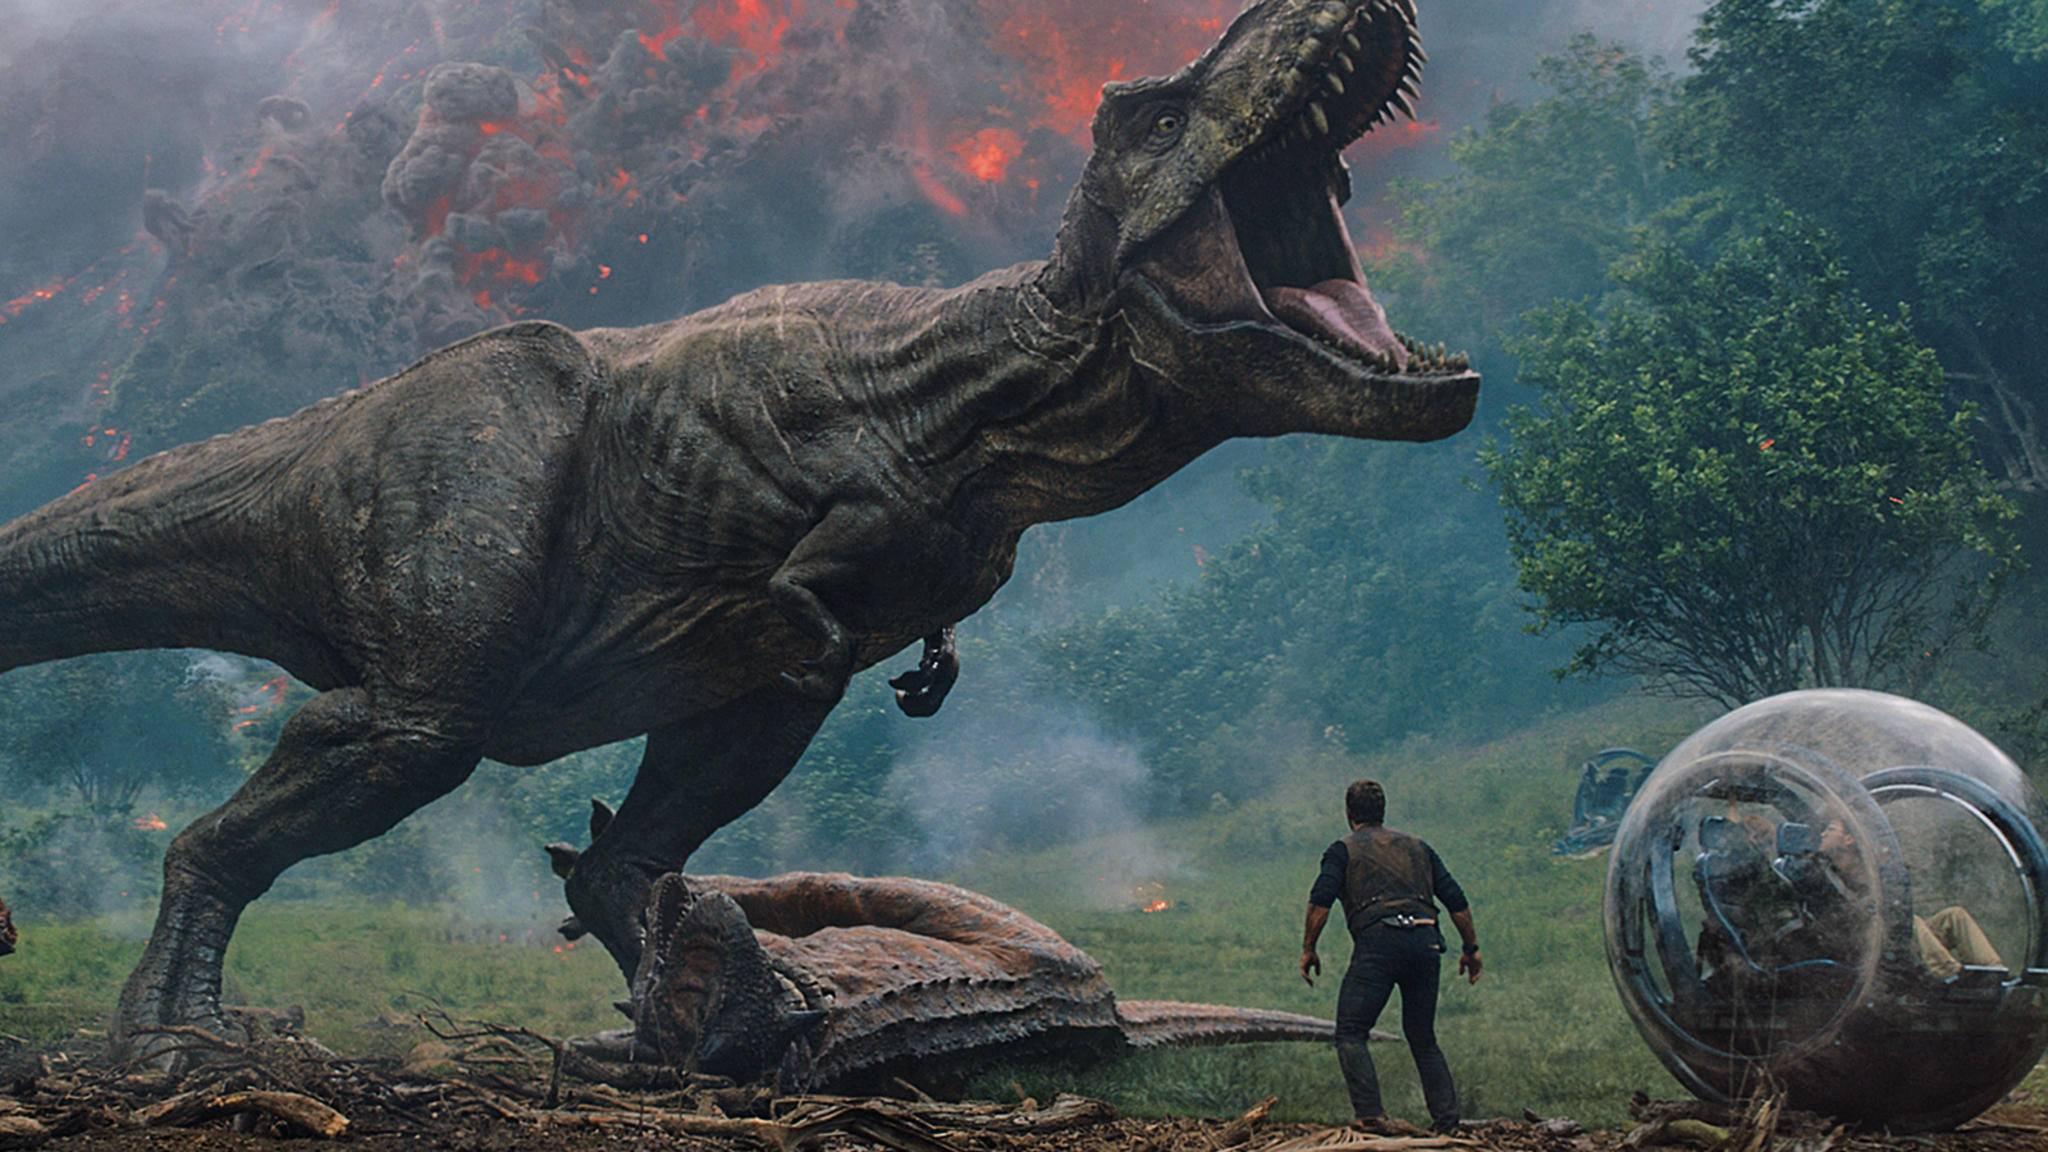 Der T-Rex darf in keinem guten Dino-Film fehlen!